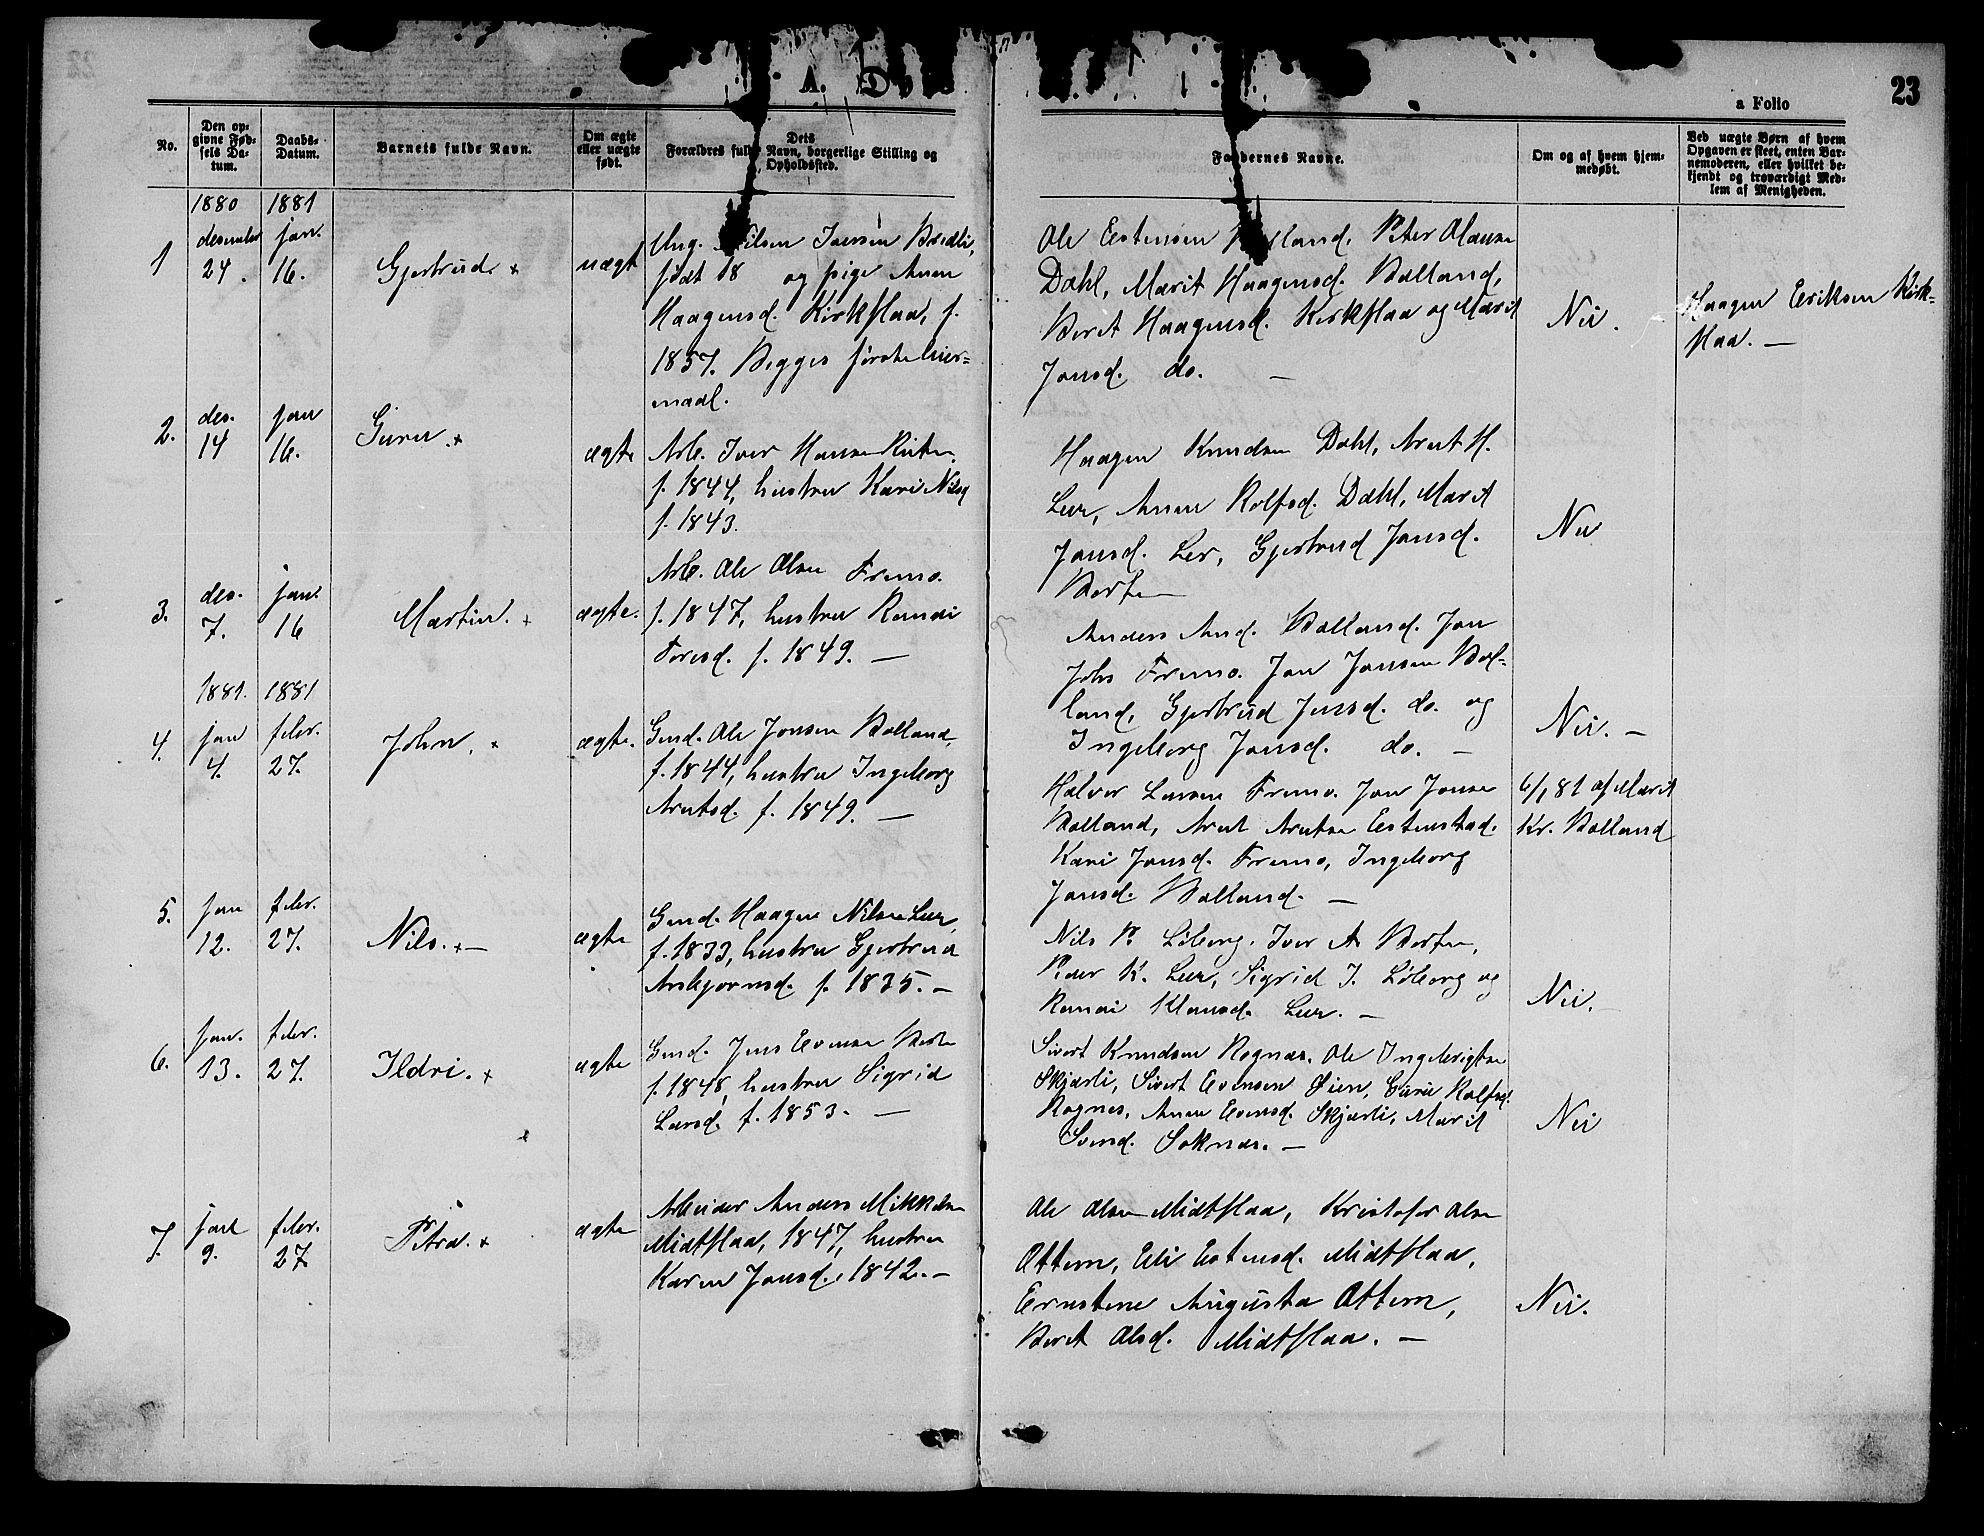 SAT, Ministerialprotokoller, klokkerbøker og fødselsregistre - Sør-Trøndelag, 693/L1122: Klokkerbok nr. 693C03, 1870-1886, s. 23